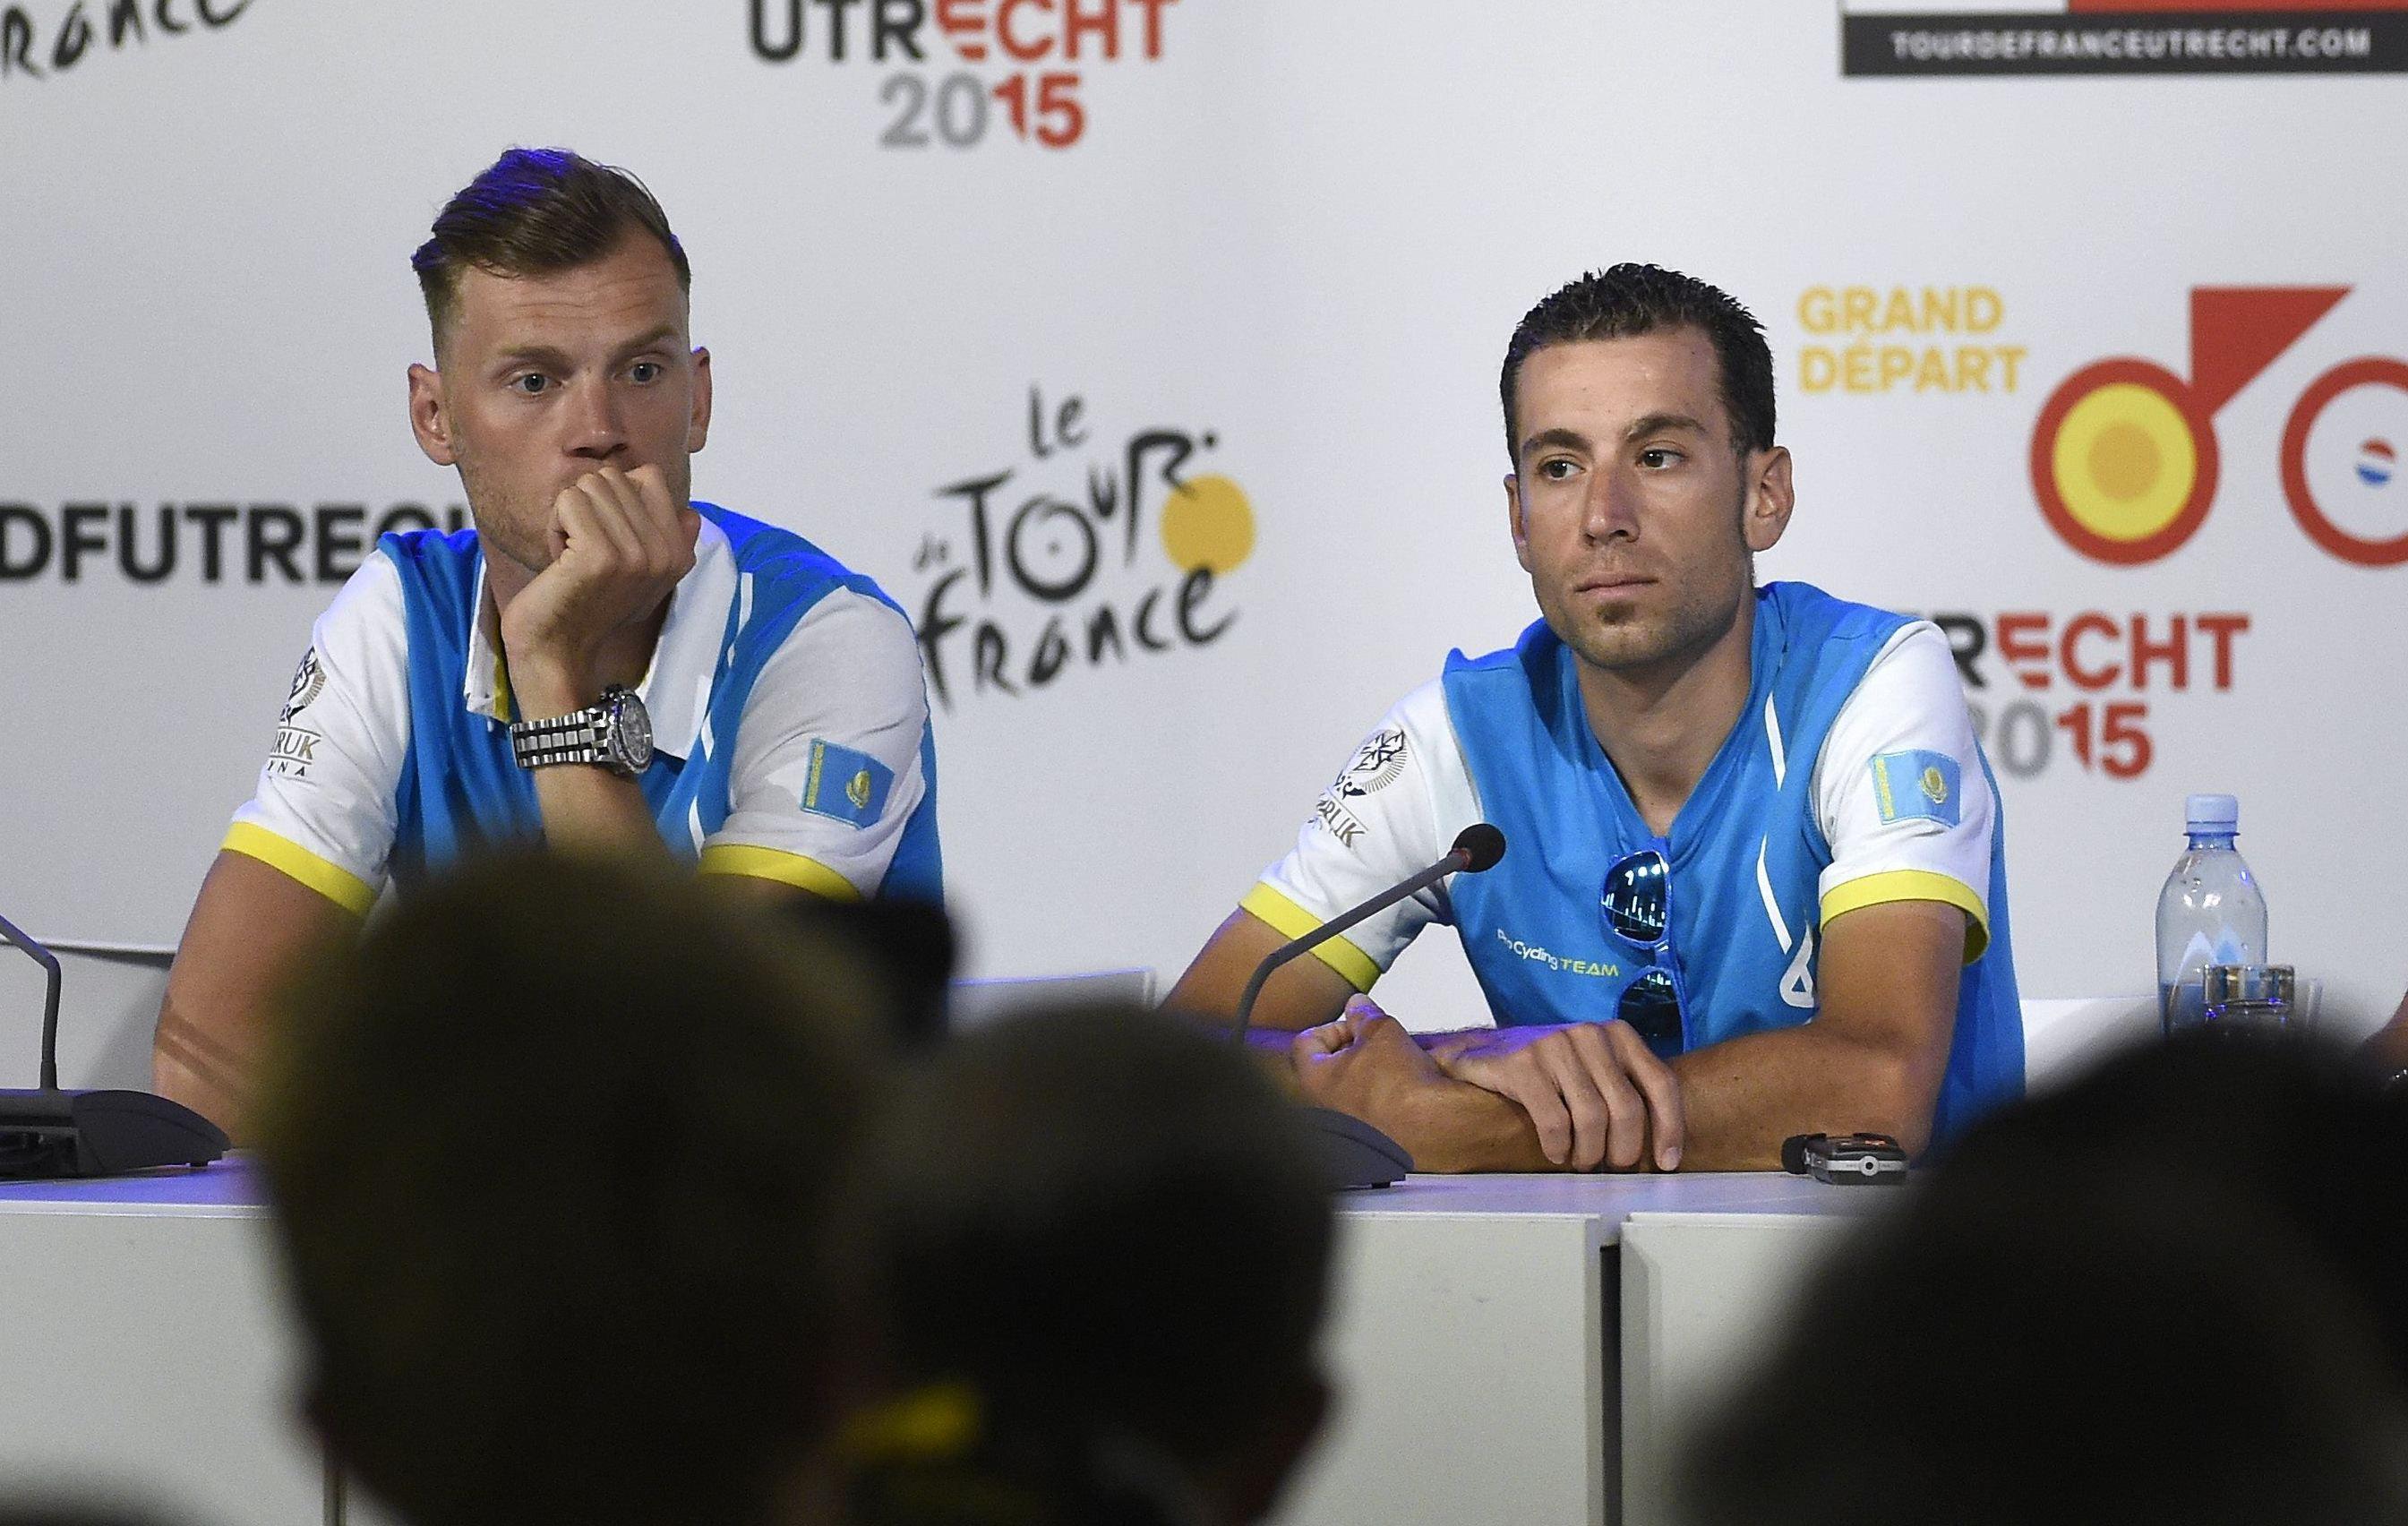 Astana priv e de boom tour de france cyclisme - Vente privee sport cyclisme ...